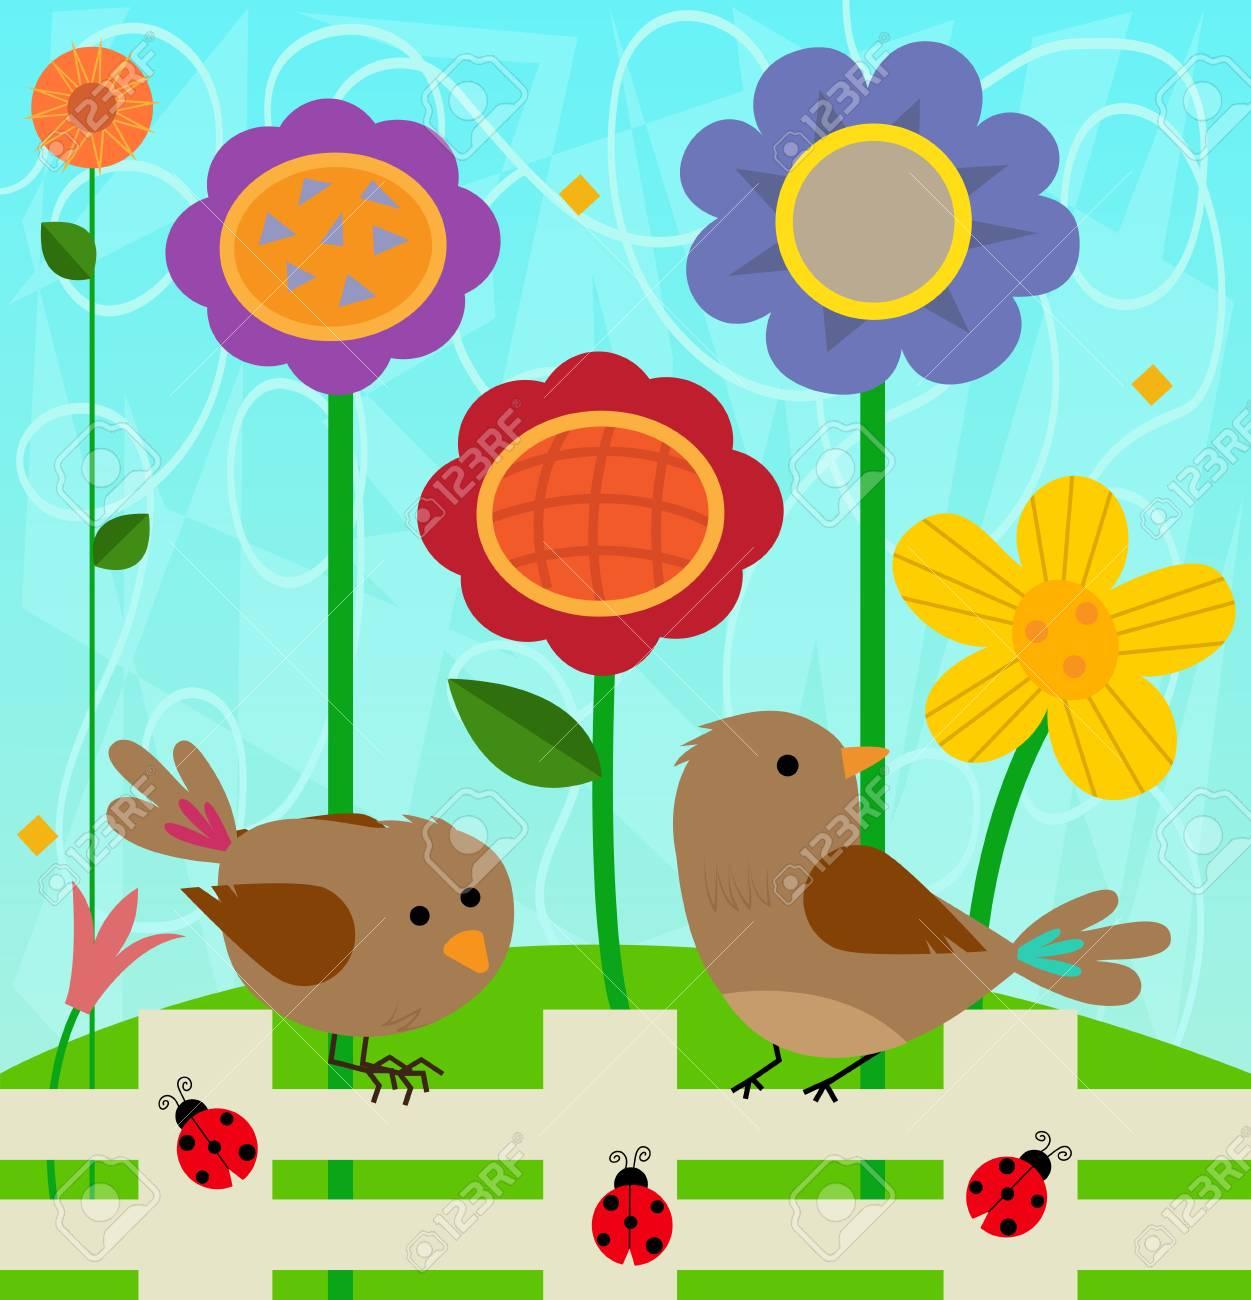 Clipart De Printemps De Deux Oiseaux Et Coccinelles Debout Sur Une Cloture Et Des Fleurs Colorees Derriere Eux Clip Art Libres De Droits Vecteurs Et Illustration Image 96958699